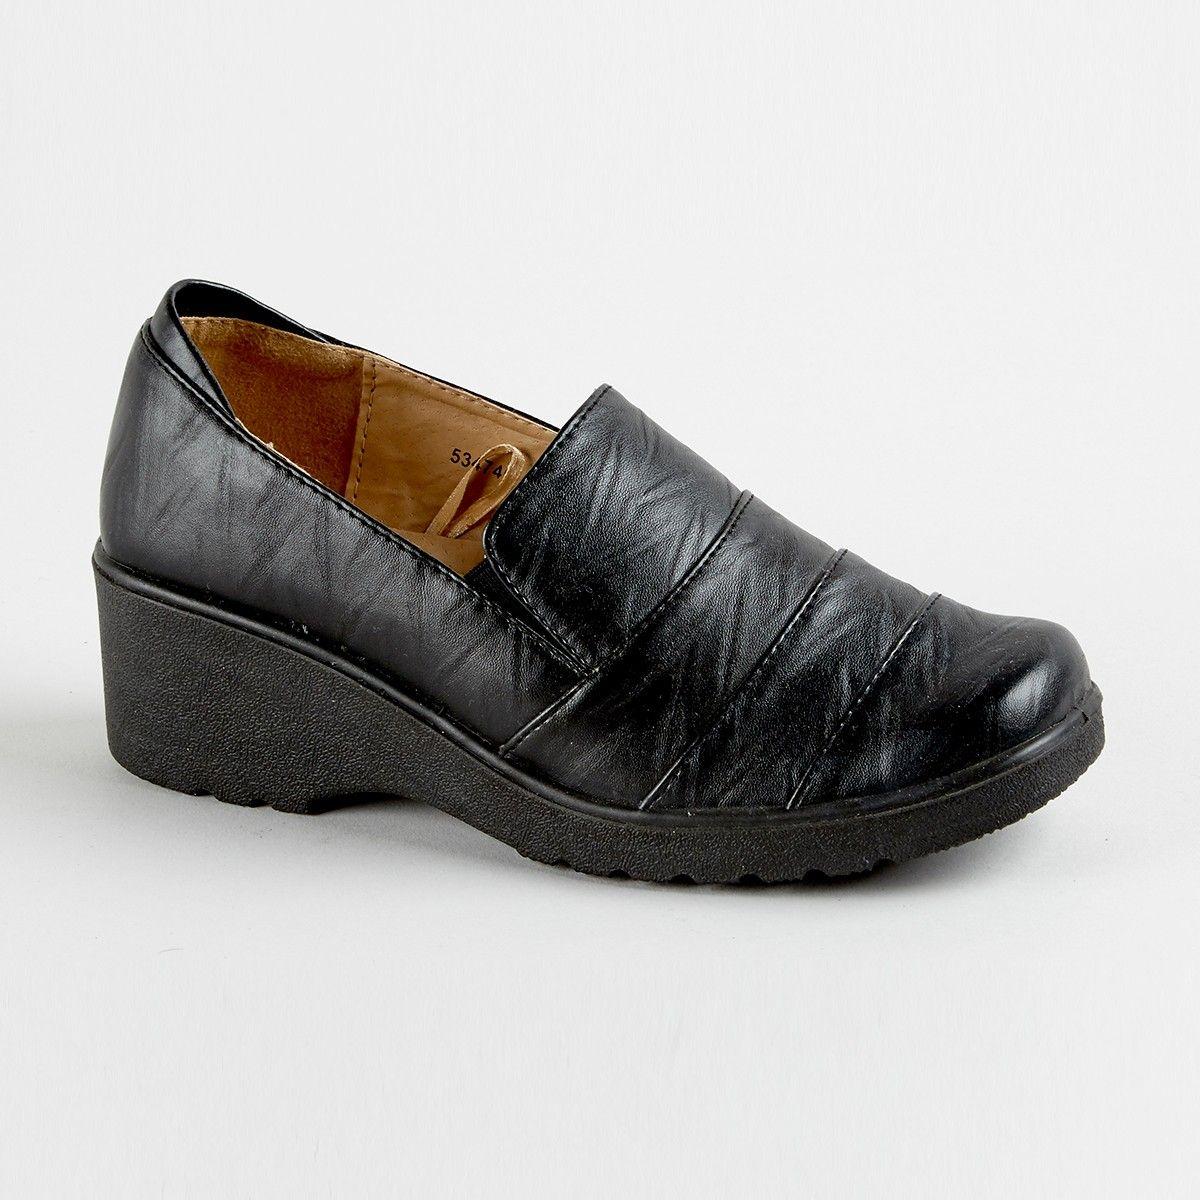 Cushion Walk Joan Wedge Shoe Black